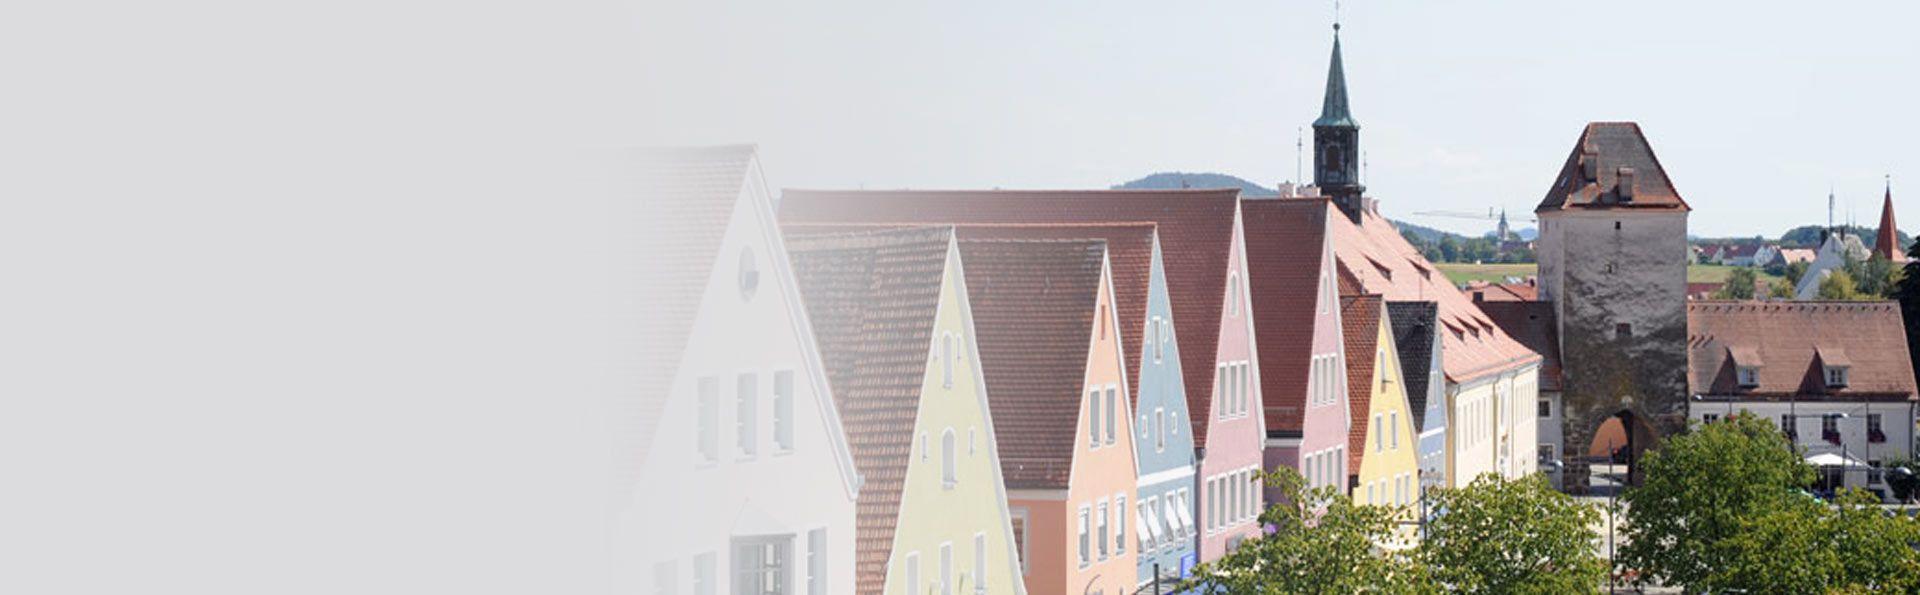 Stadttorfest Freystadt <br>16. und 17. Juli 2022